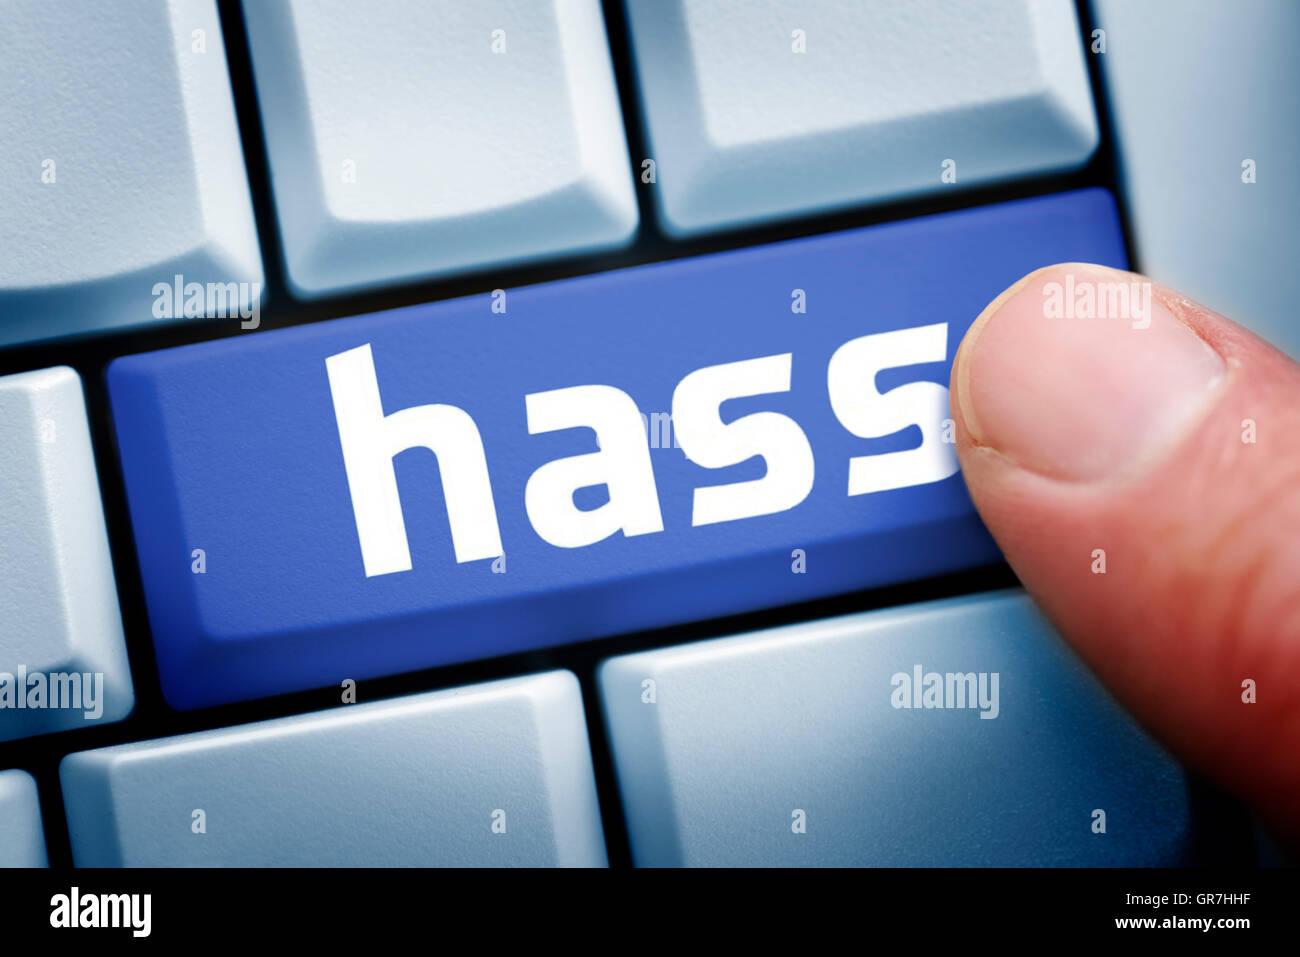 Mot allemand pour la haine sur une touche de l'ordinateur Photo Stock